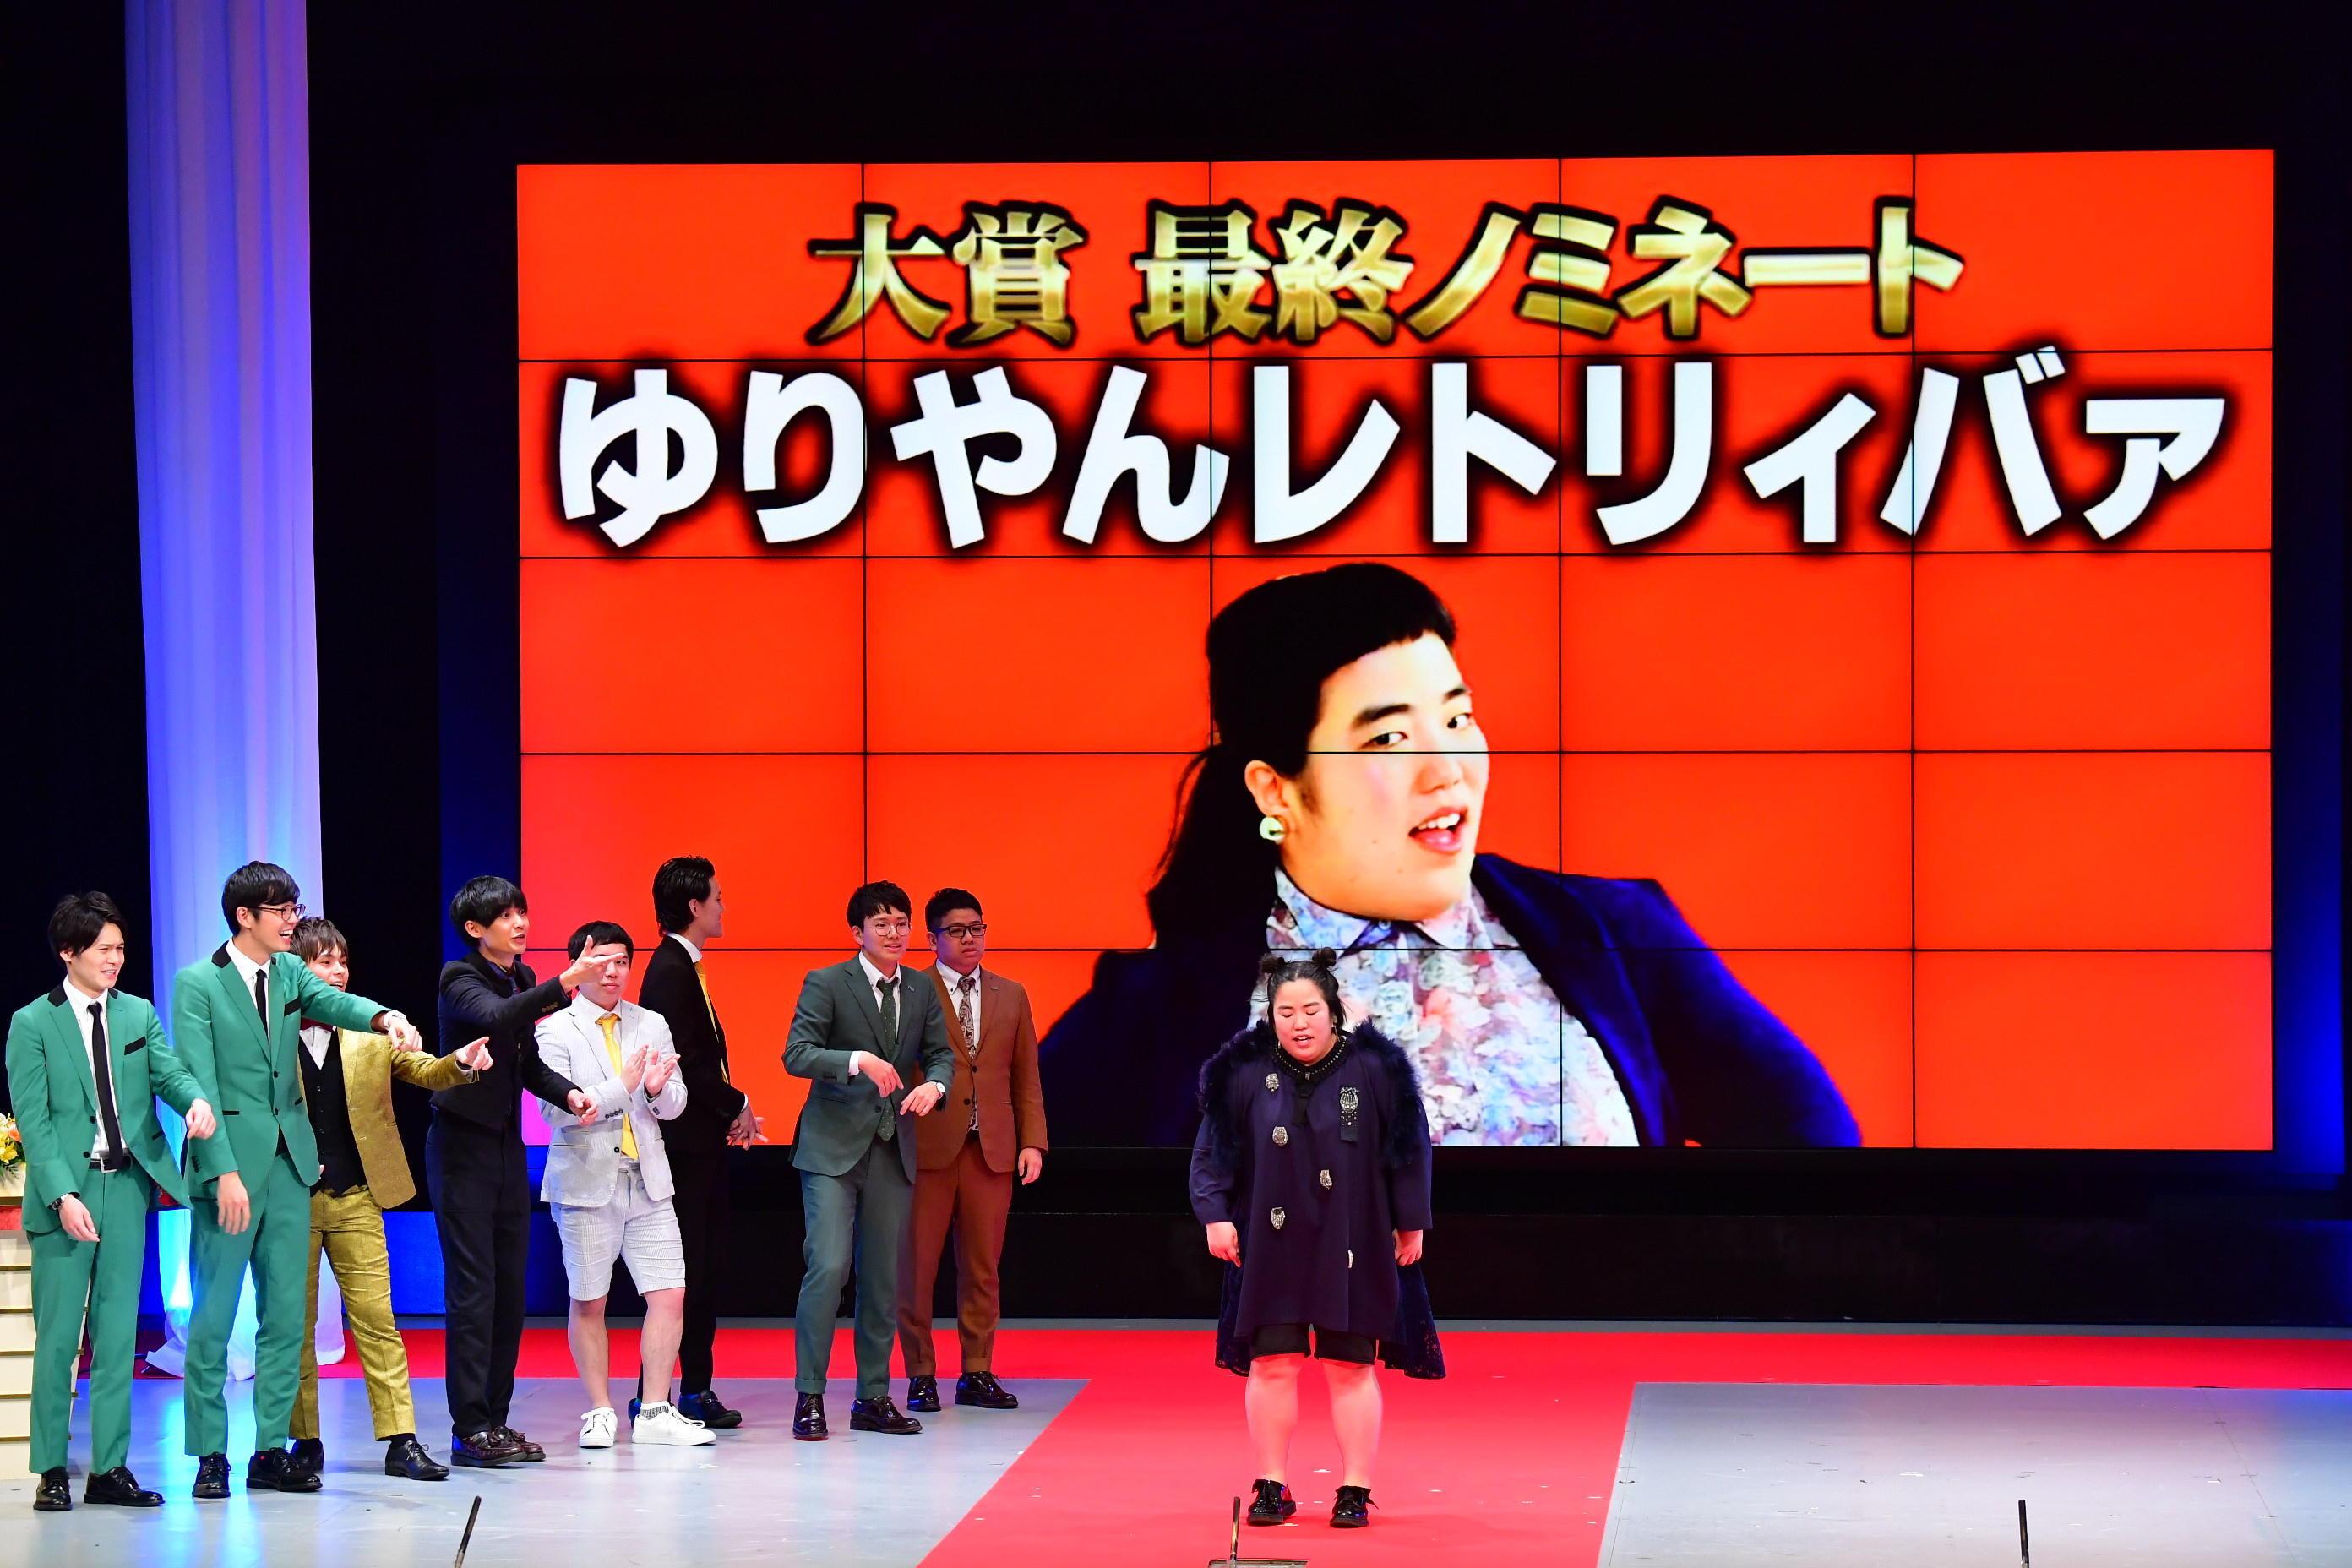 http://news.yoshimoto.co.jp/20180109020302-8ebe5b484554102f22865d354c60b4e4f4e02abf.jpg